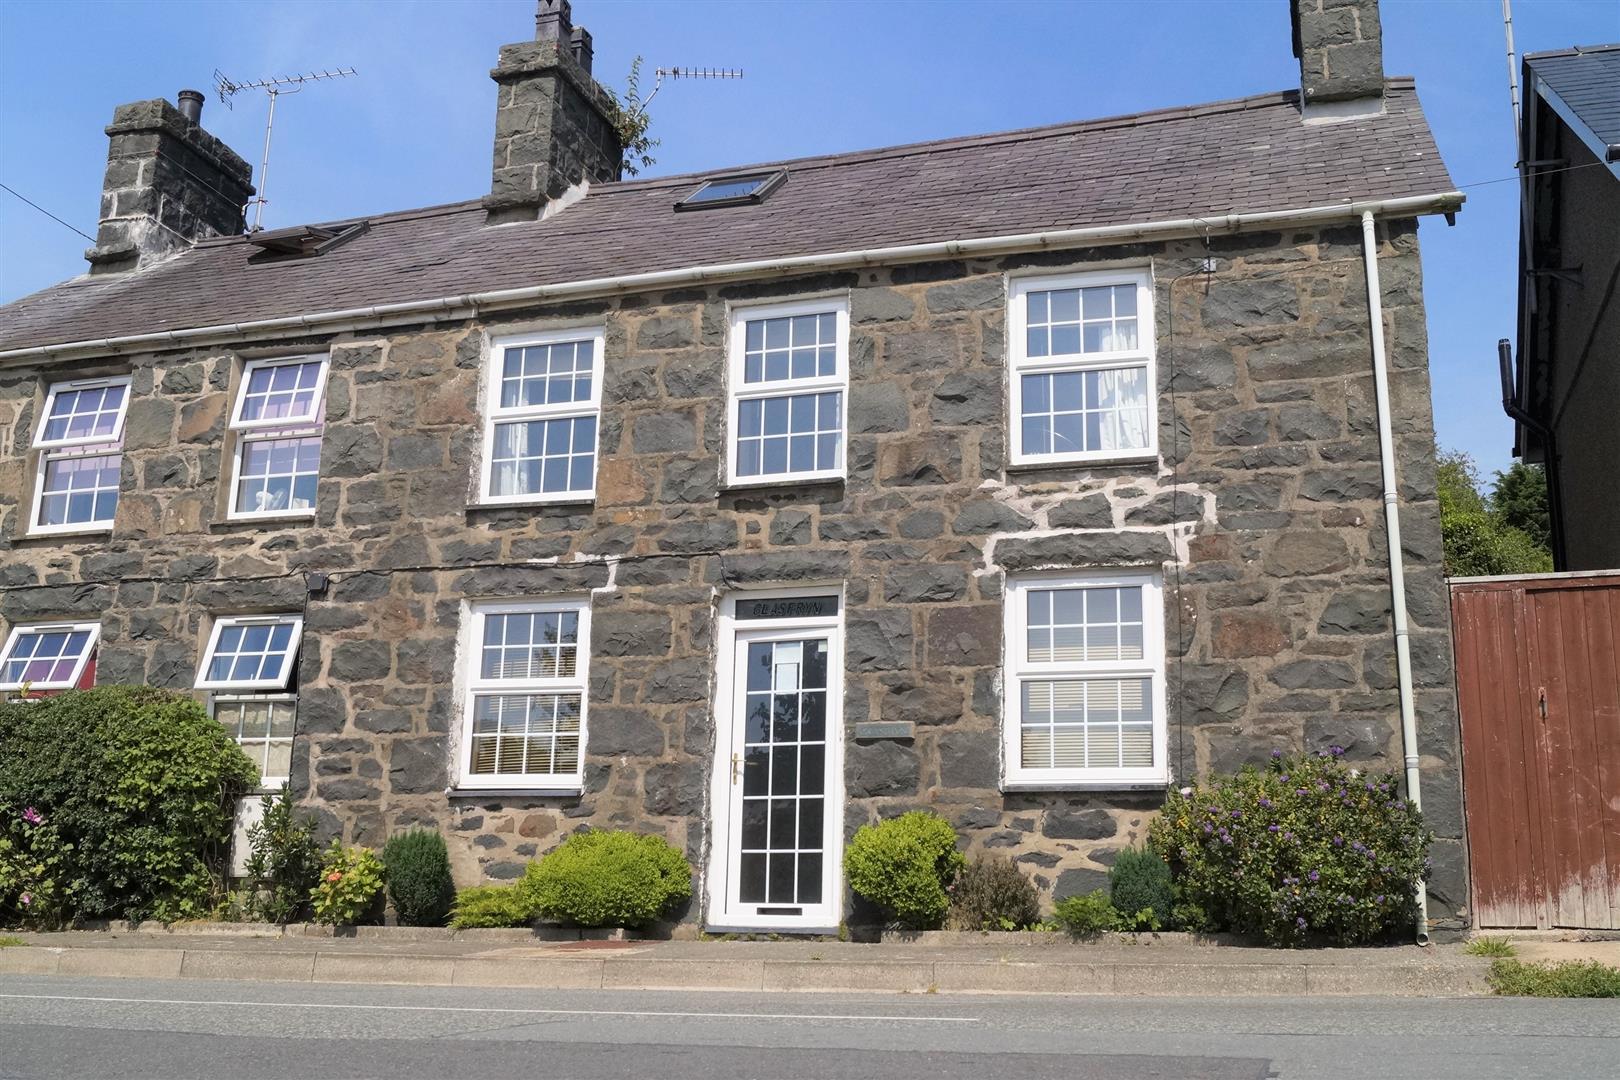 Sarn, Pwllheli - £175,000